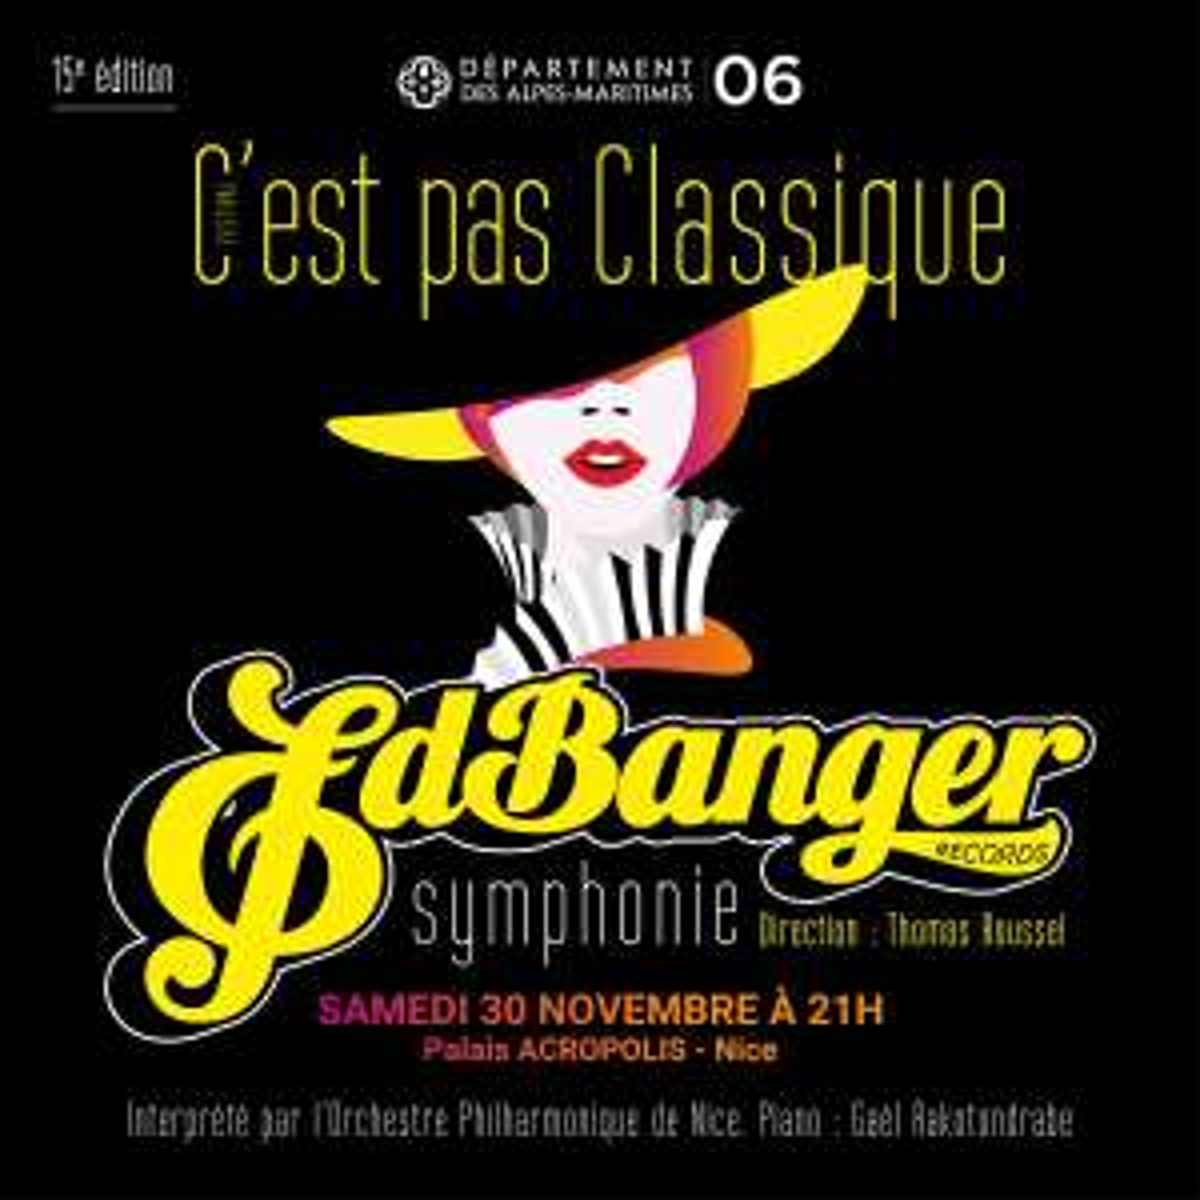 Invitation gratuite pour le festival C'est pas classique Ed Banger Symphonie - du 29 novembre au 1er décembre, à Acropolis Nice (06)